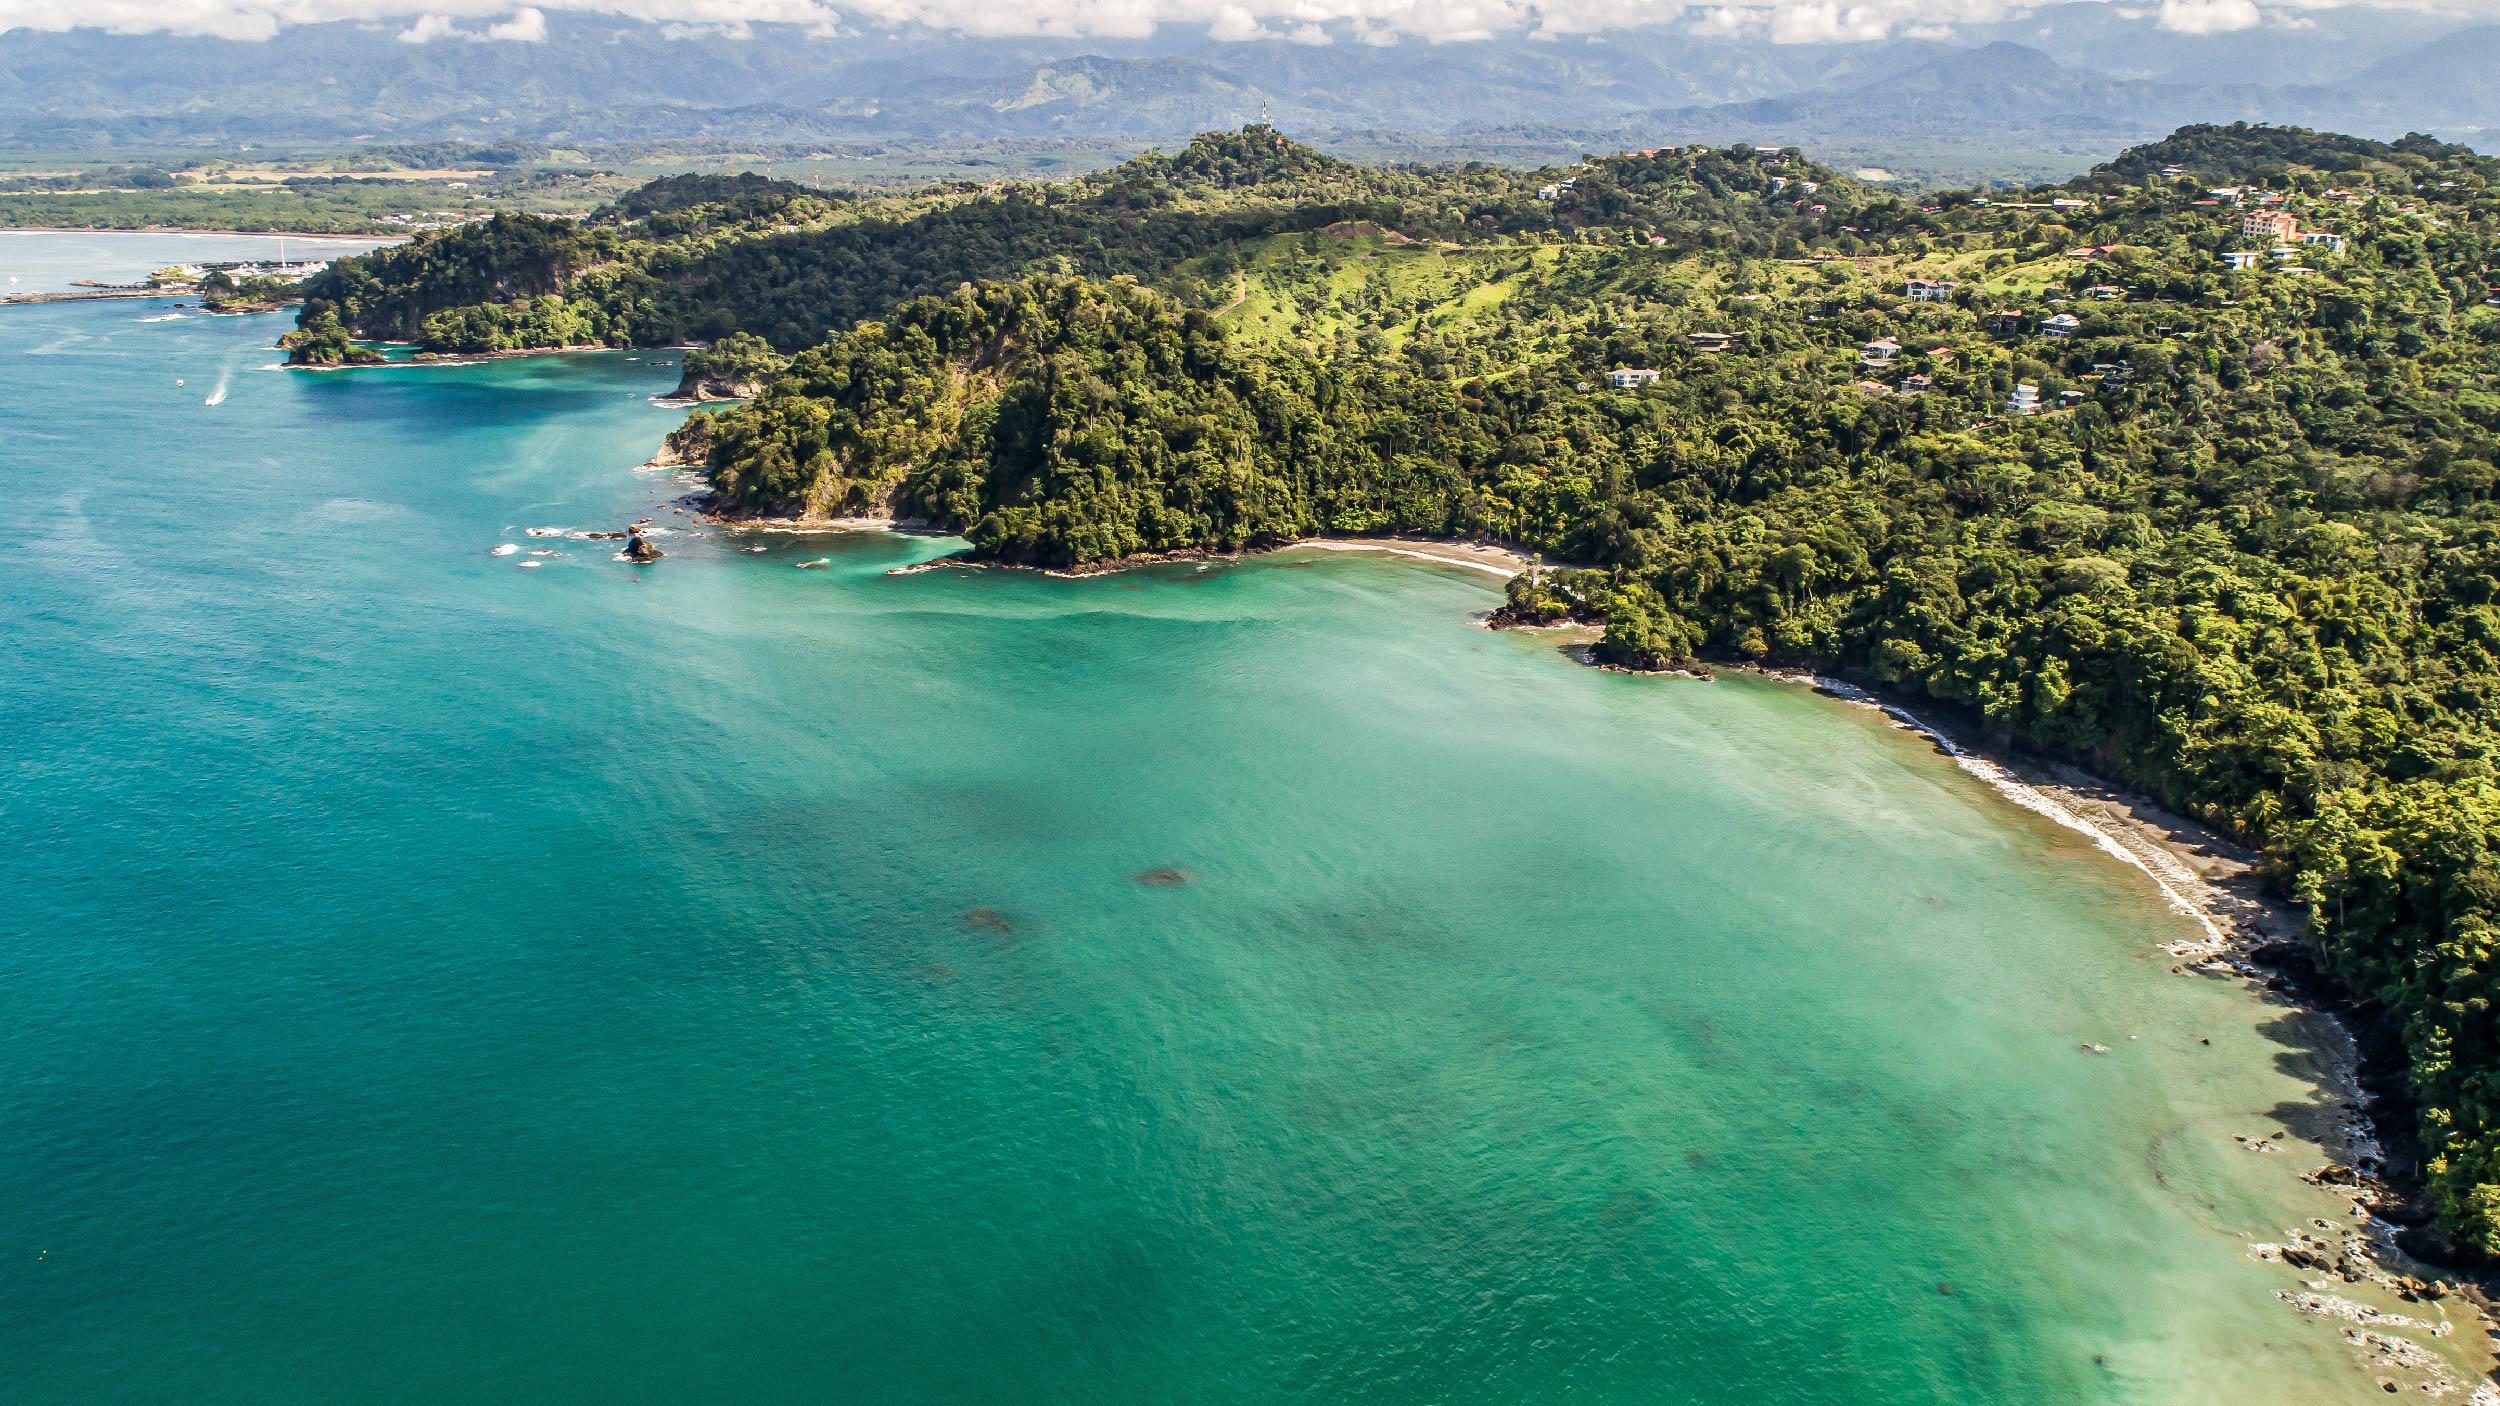 visitar Manuel Antonio en Costa Rica